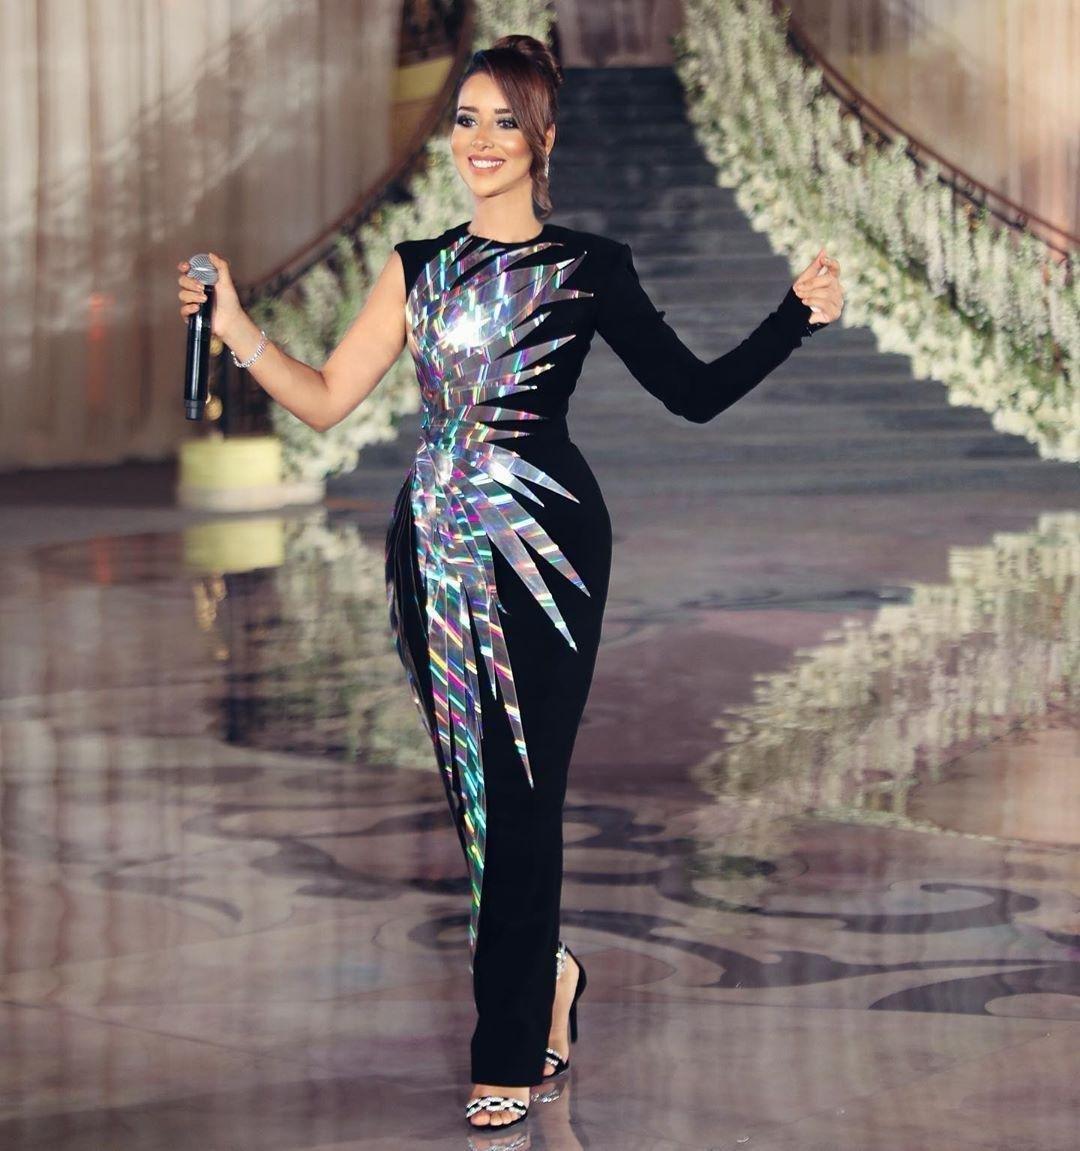 ملابس بنات عرض ازياء فستان سهرة صور فساتين سهره صور ملابس 2020 9